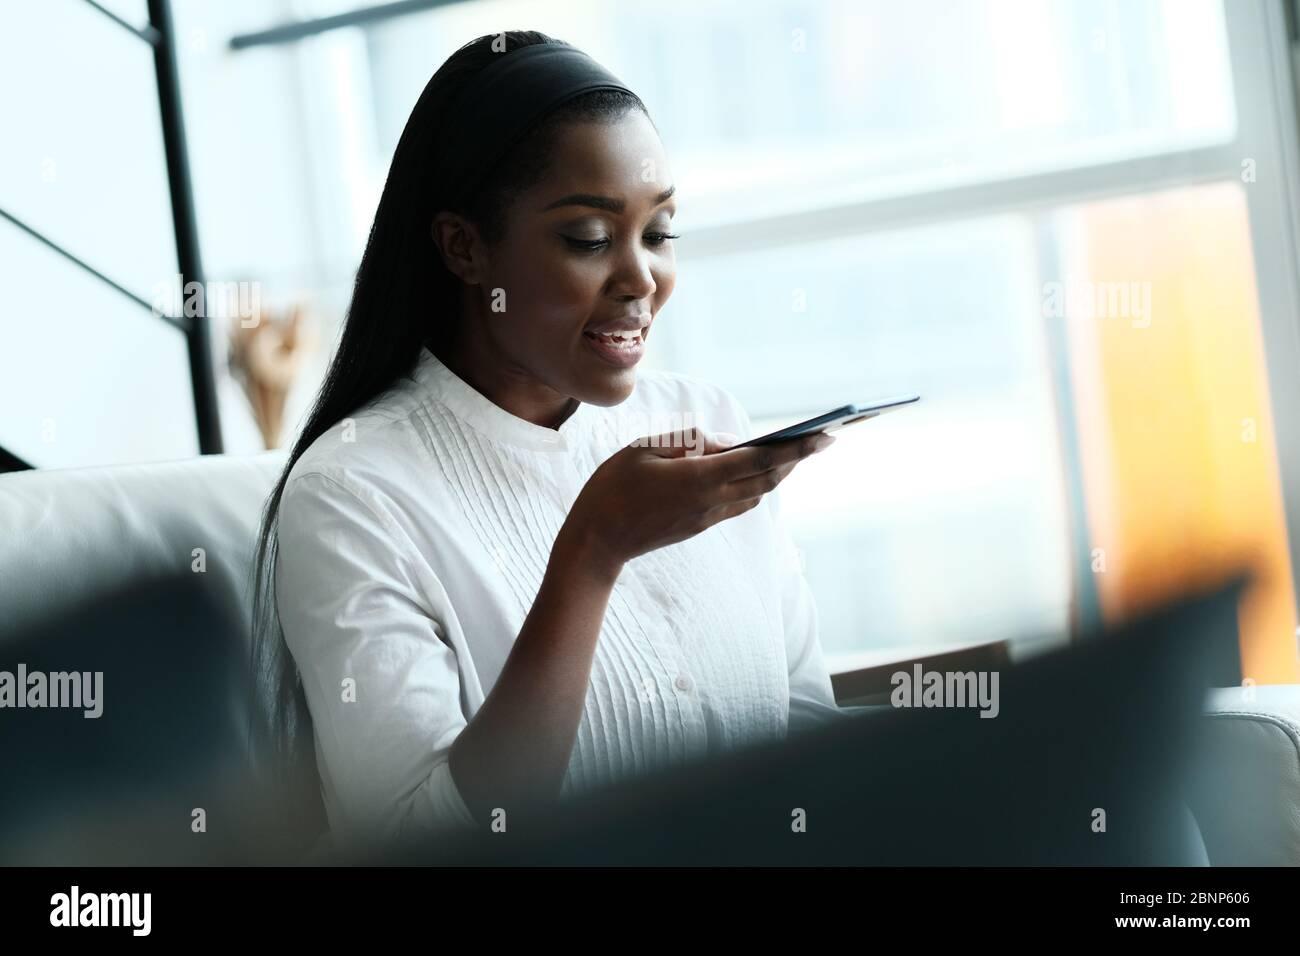 Femme noire utilisant un téléphone portable pour la messagerie vocale Banque D'Images